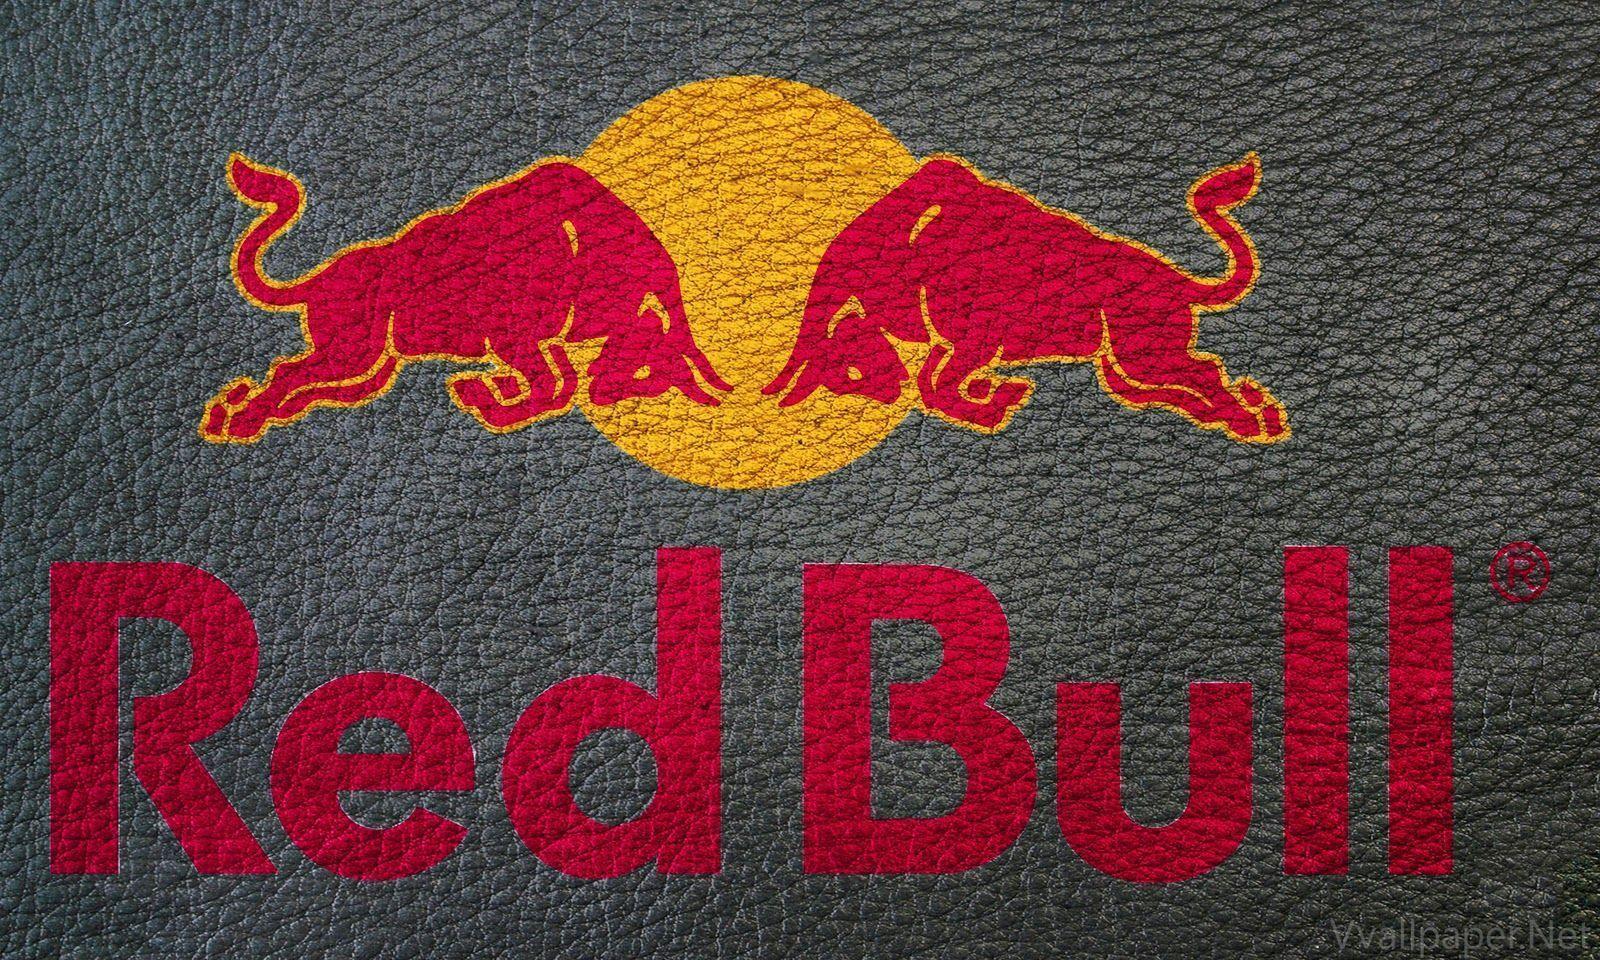 red bull logo wallpaper desktop - photo #26